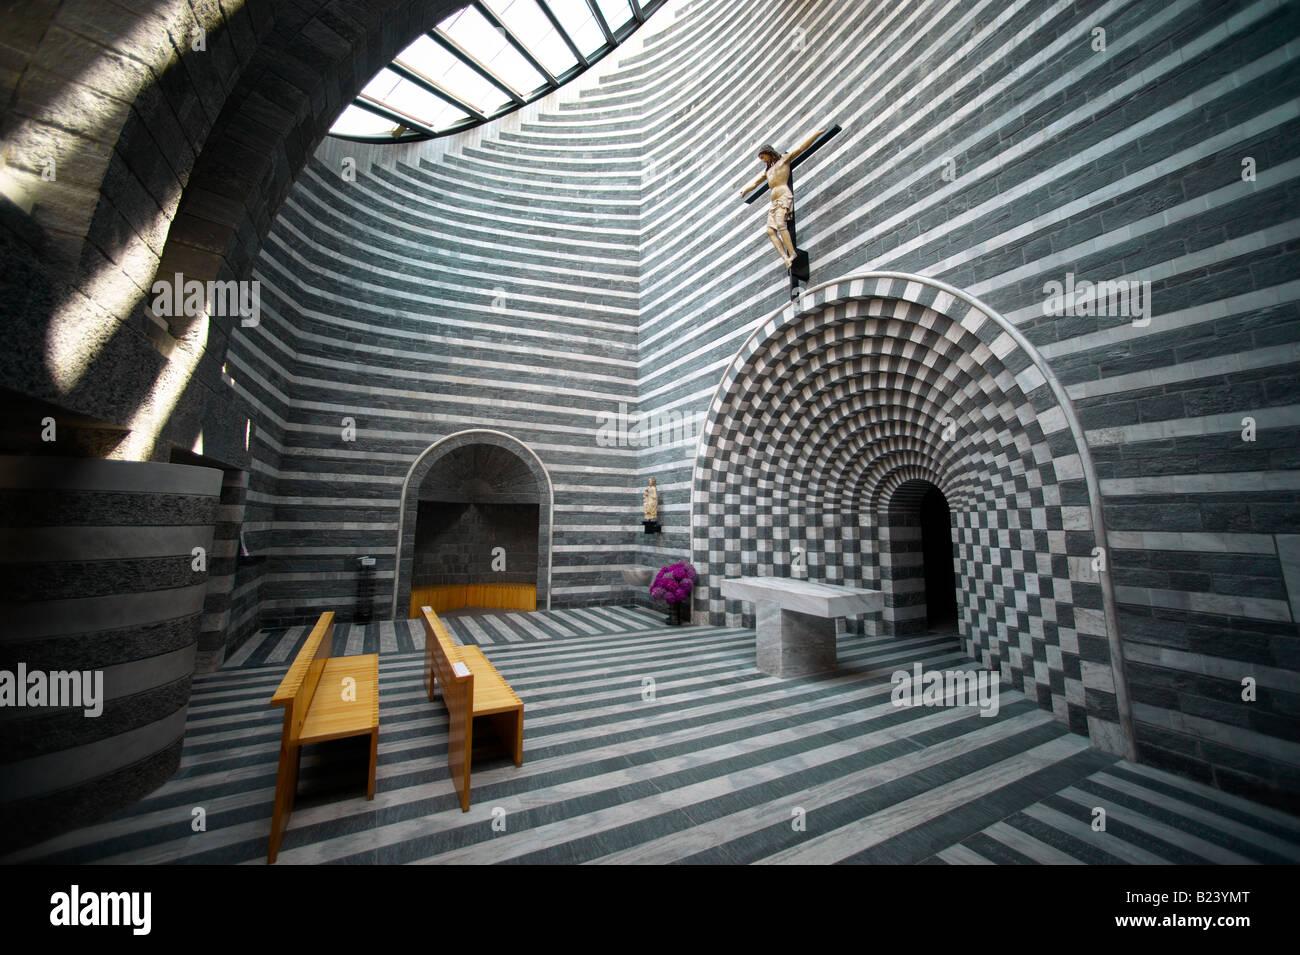 Interior of the Church of St John The Baptist Mogno, Fusio, municipality of Lavizzara, Val Maggiore,Ticino, Switzerland Stock Photo